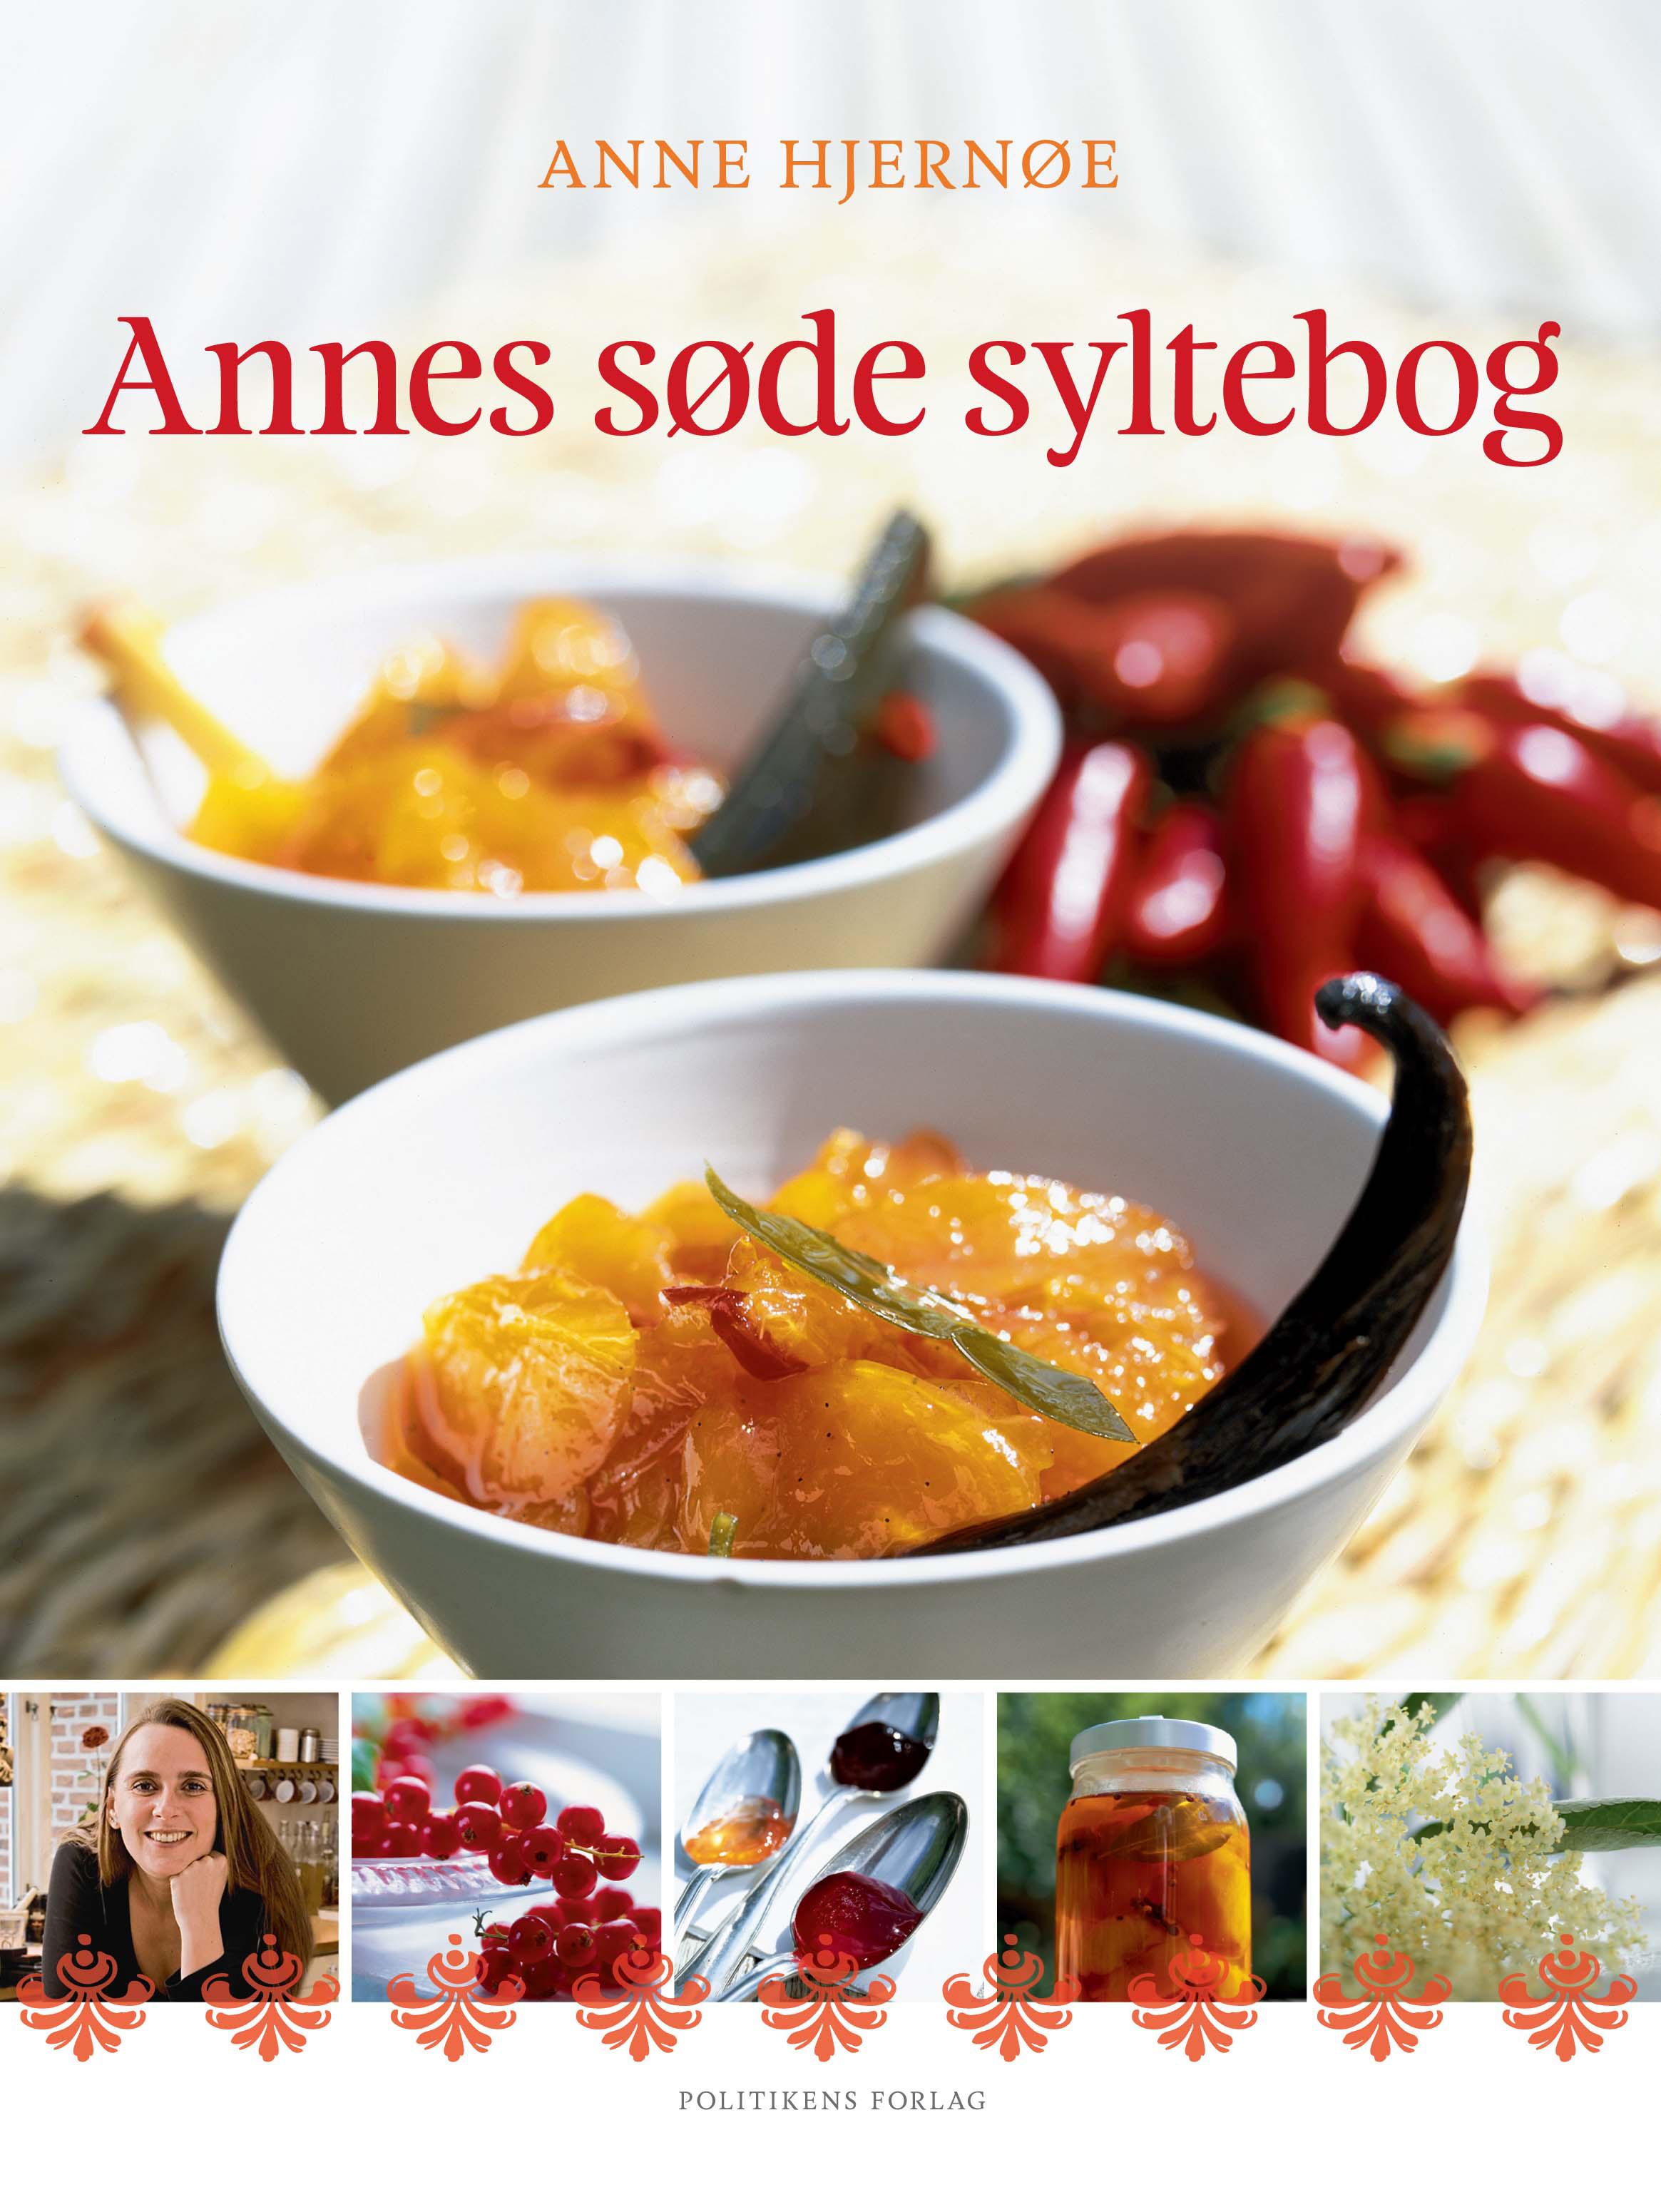 Annes søde syltebog - Anne Hjernøe - Bøger - Politikens Forlag - 9788740056112 - 25/7-2019